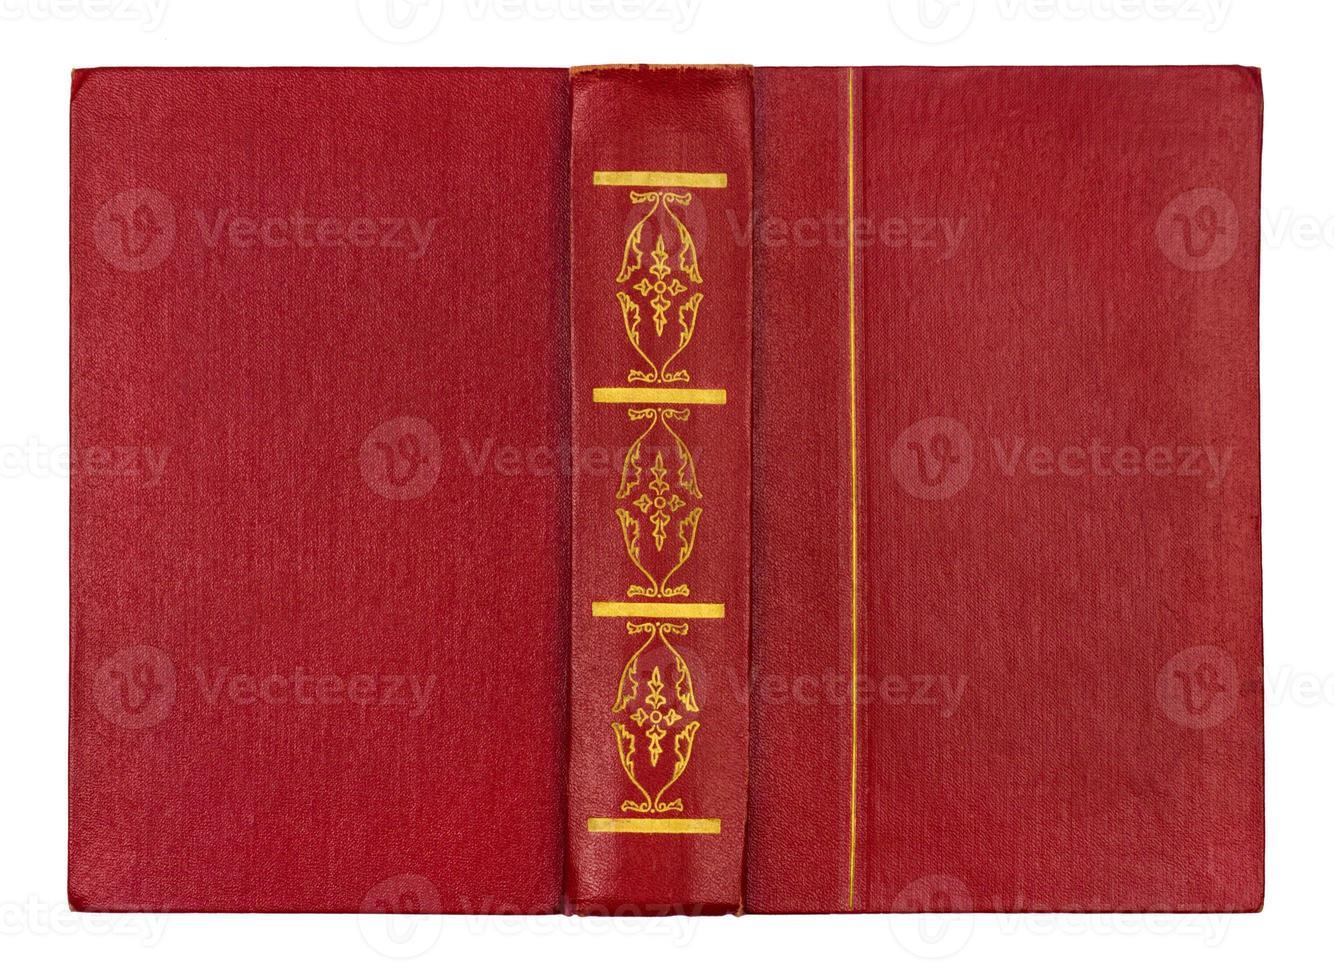 capa de livro vermelho aberta vazia isolada no branco foto